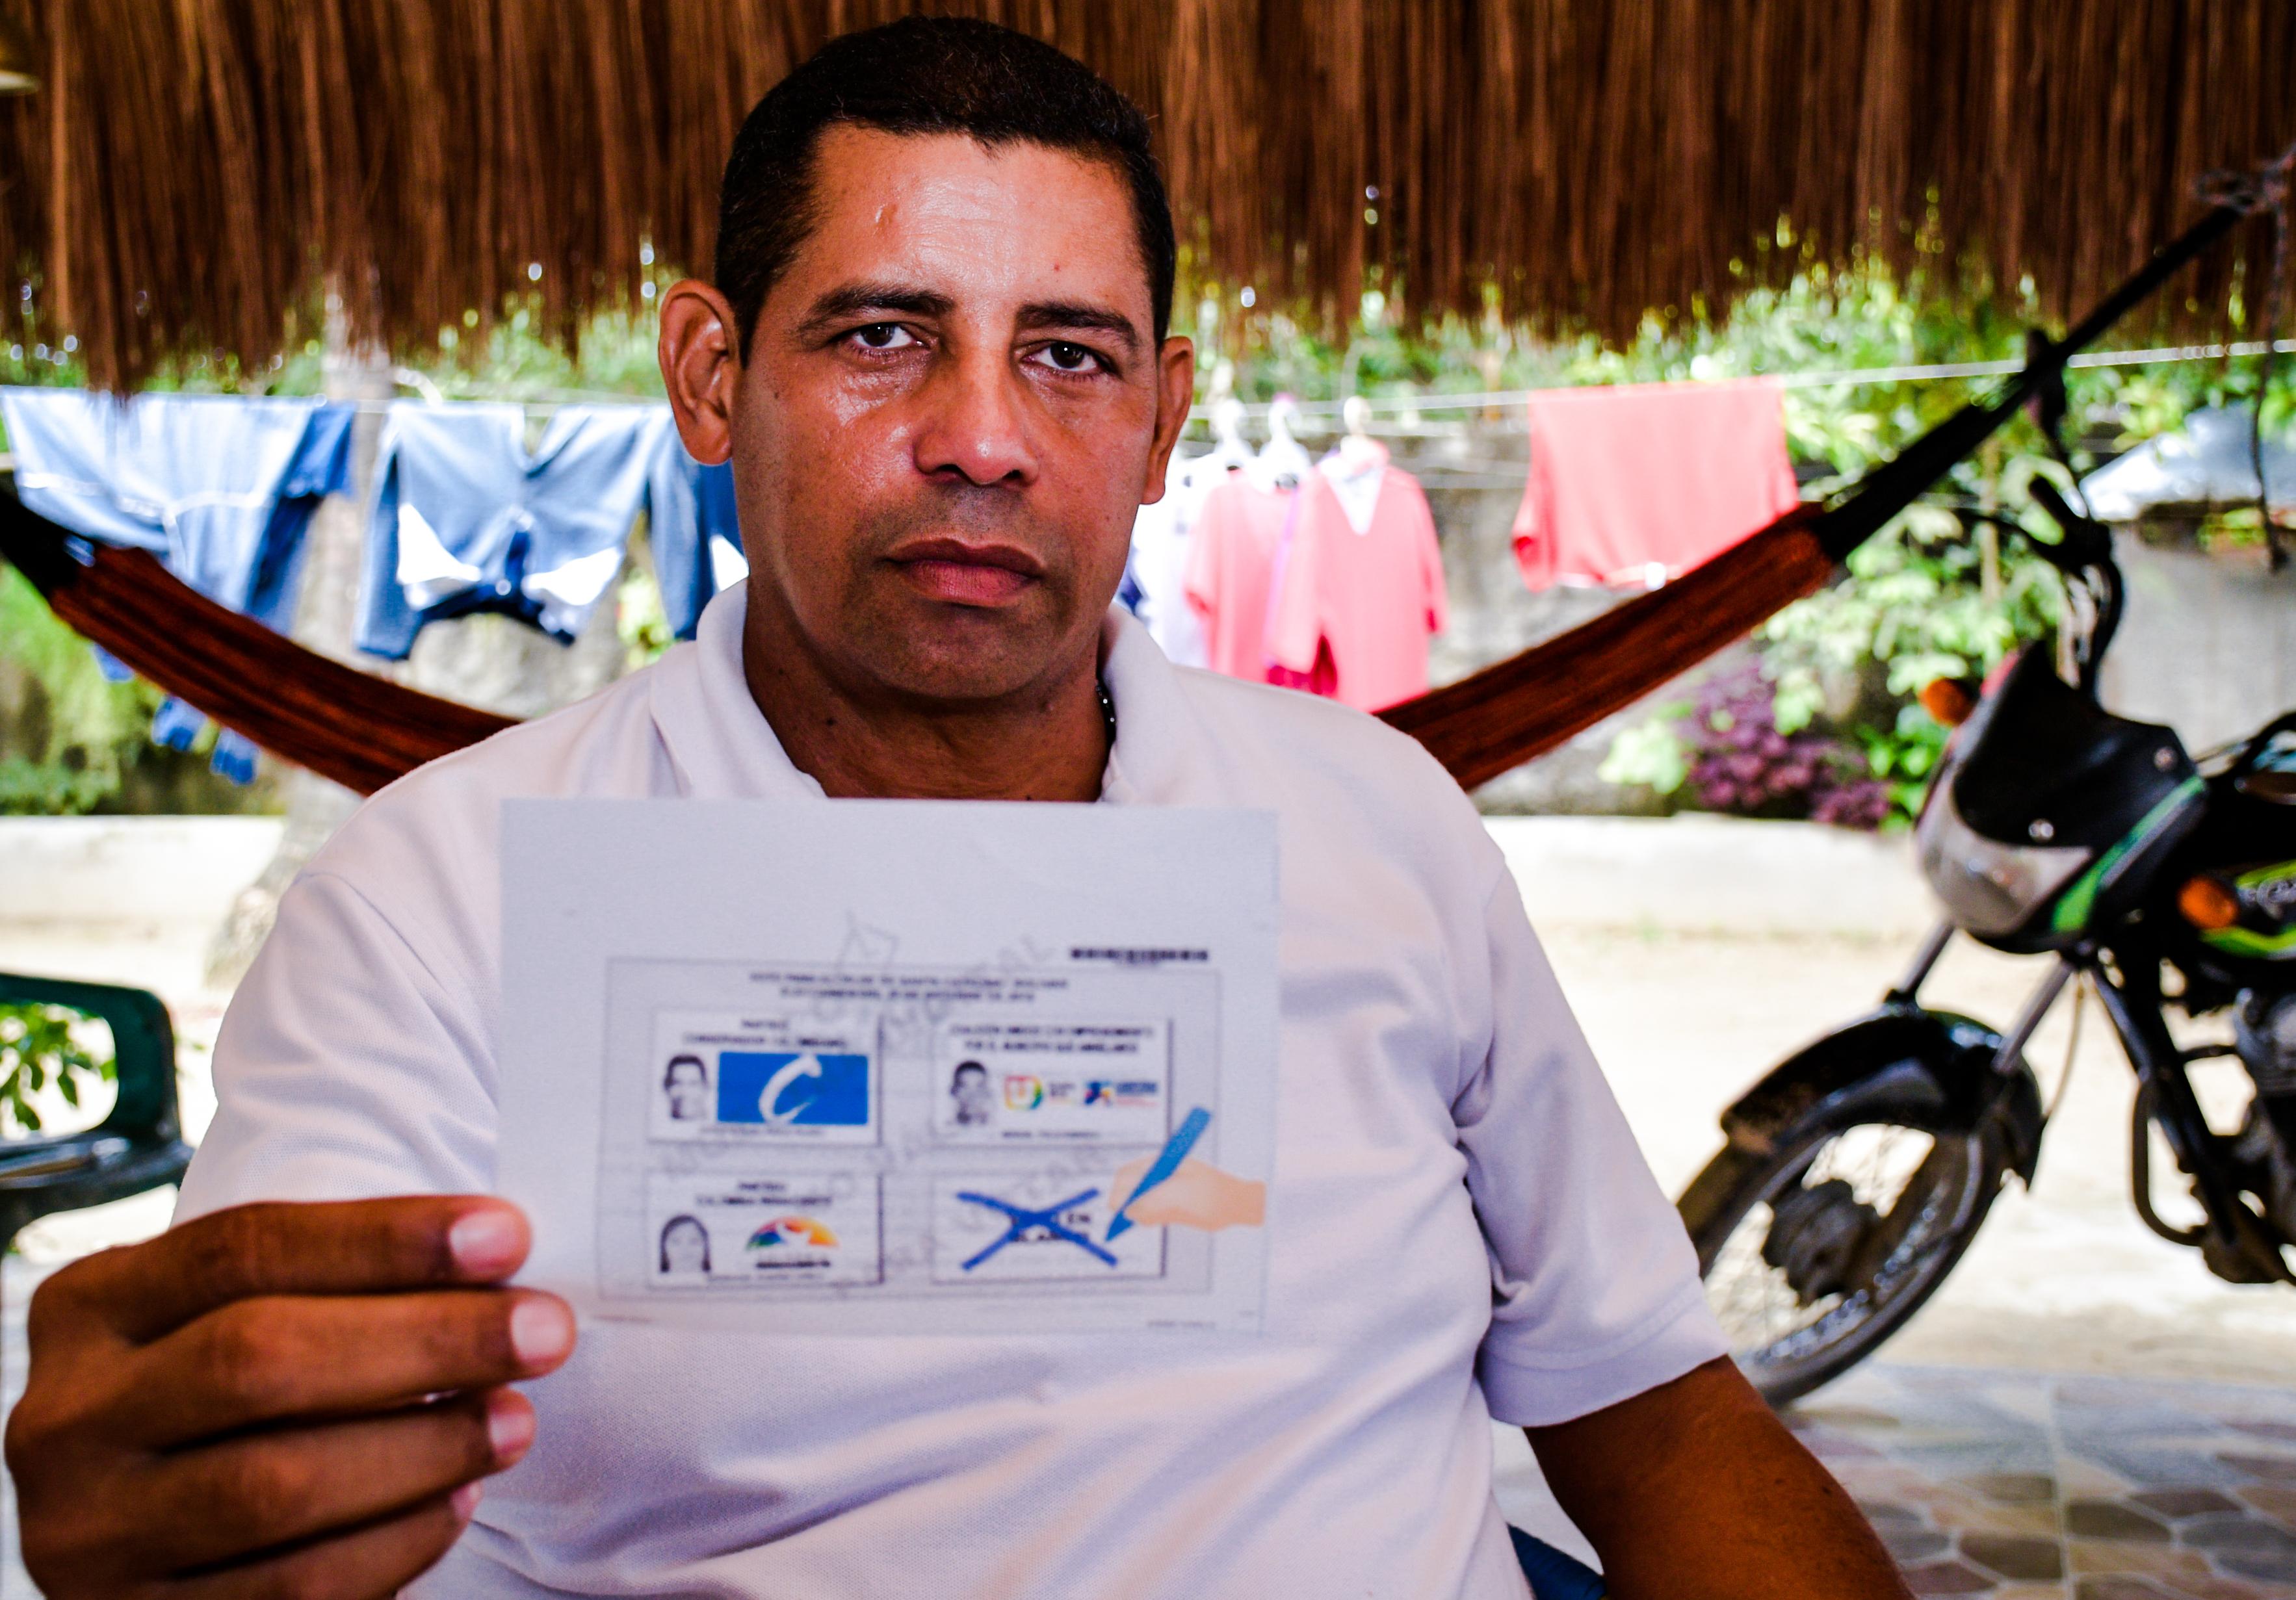 Víctor Pardo, promotor del voto en blanco enseña el tarjetón pedagógico con el que hizo la campaña en 24 horas.